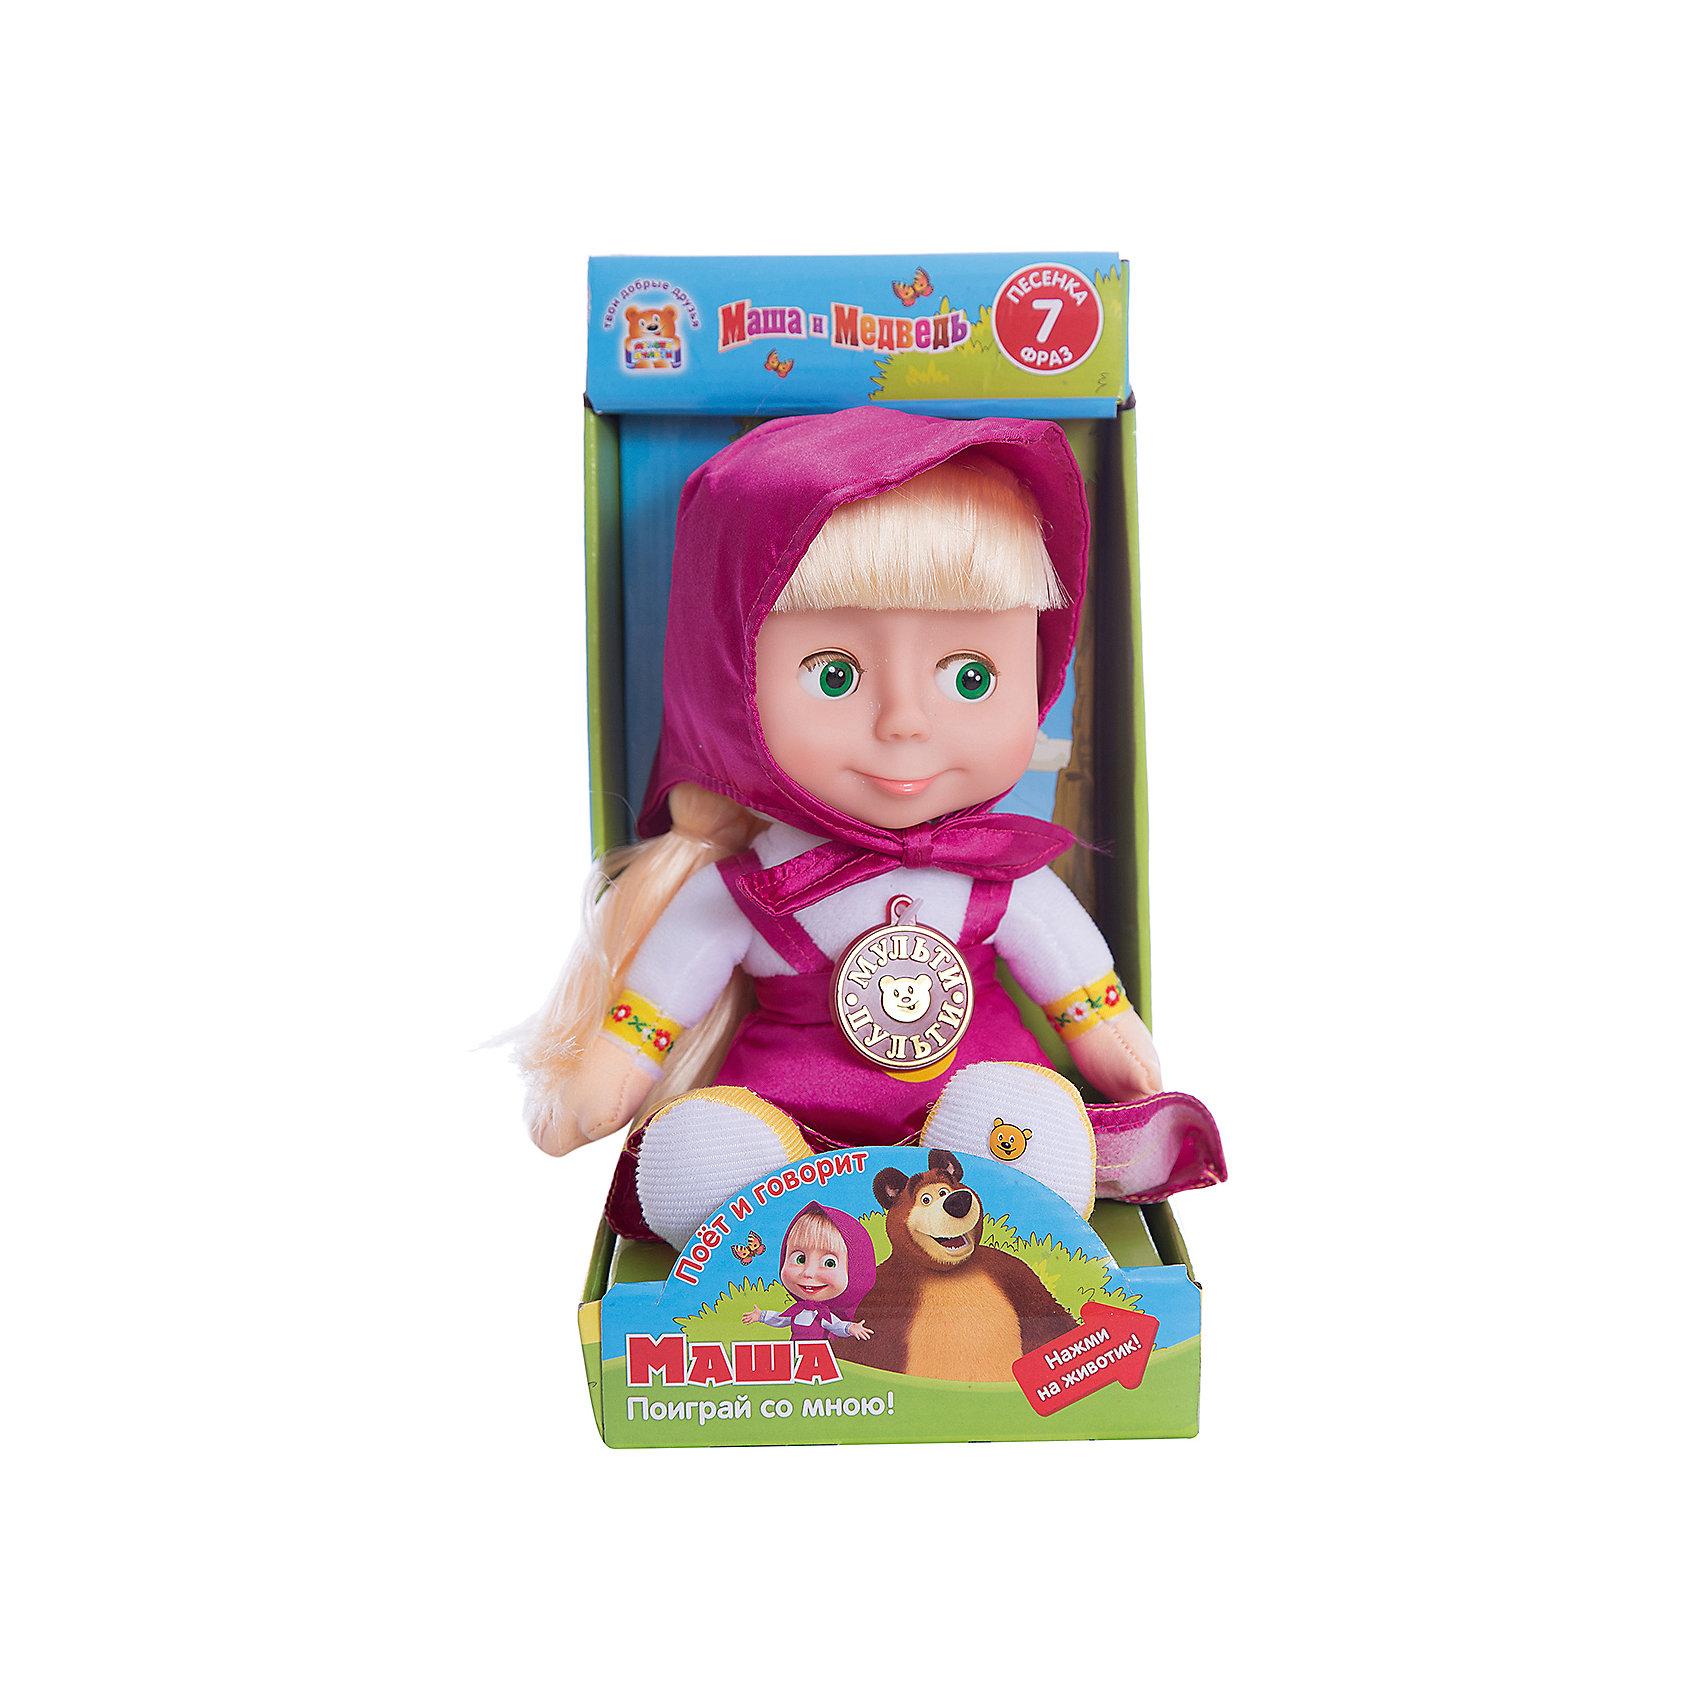 Мягкая игрушка Маша, Маша и Медведь, МУЛЬТИ-ПУЛЬТИМягкие куклы<br>Мягкая игрушка Маша, Маша и Медведь, придется по душе всем юным поклонникам популярного мультсериала Маша и Медведь. Маша - озорная девочка, которая дружит с мишкой и часто попадает в забавные ситуации. Внешний вид куколки полностью соответствует своему мультперсонажу. Маша одета в длинный розовый сарафан и розовый платочек. Если нажать кукле на животик она оживет: произносит 7 фраз и поет песенку голосом своего персонажа из мультфильма. Лицо игрушки выполнено из пластика, туловище мягконабивное, глаза закрываются. Очаровательная кукла станет замечательным другом Вашему ребенку, поможет в развитии фантазии, воображения и тактильного восприятия.<br><br>Дополнительная информация:<br><br>- Материал: пластик, текстиль.<br>- Требуются батарейки: 3 х AA (входят в комплект).<br>- Размер куклы: 29 см.<br>- Вес: 0,47 кг.<br><br>Мягкую игрушку Маша, Маша и Медведь, Мульти-Пульти, можно купить в нашем интернет-магазине.<br><br>Ширина мм: 140<br>Глубина мм: 280<br>Высота мм: 170<br>Вес г: 470<br>Возраст от месяцев: 36<br>Возраст до месяцев: 144<br>Пол: Женский<br>Возраст: Детский<br>SKU: 4546568